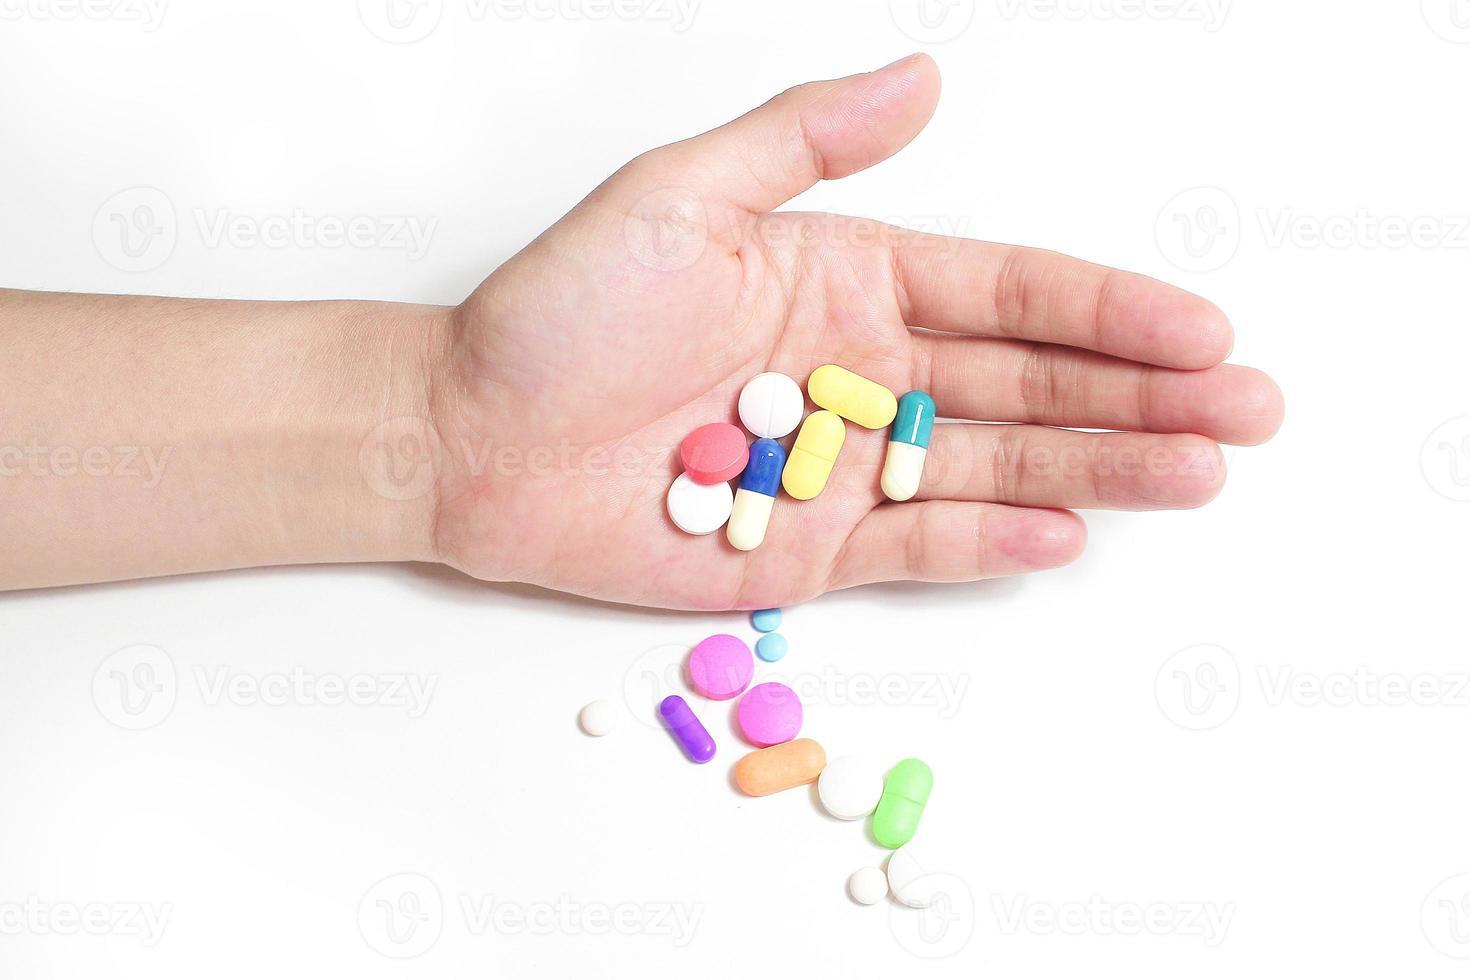 mão segure muitos remédios, caixas de remédios ao fundo foto